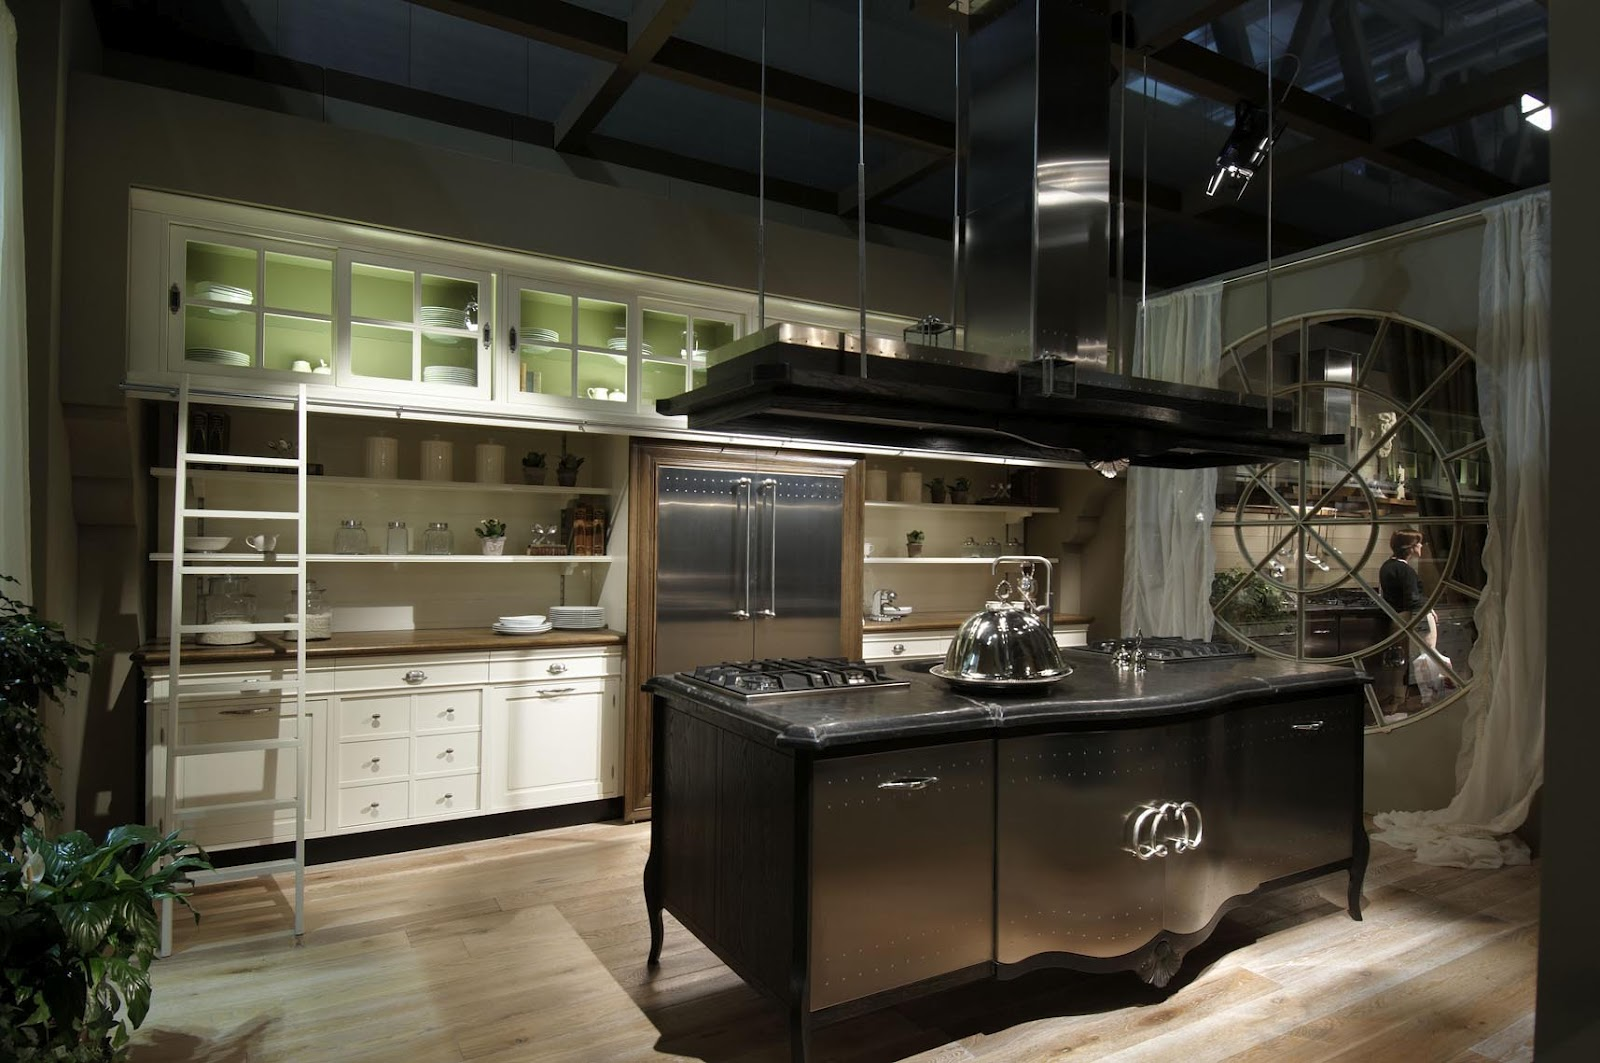 Pin marchi group cucine disegnate e costruite in italia on pinterest - Marche cucine economiche ...